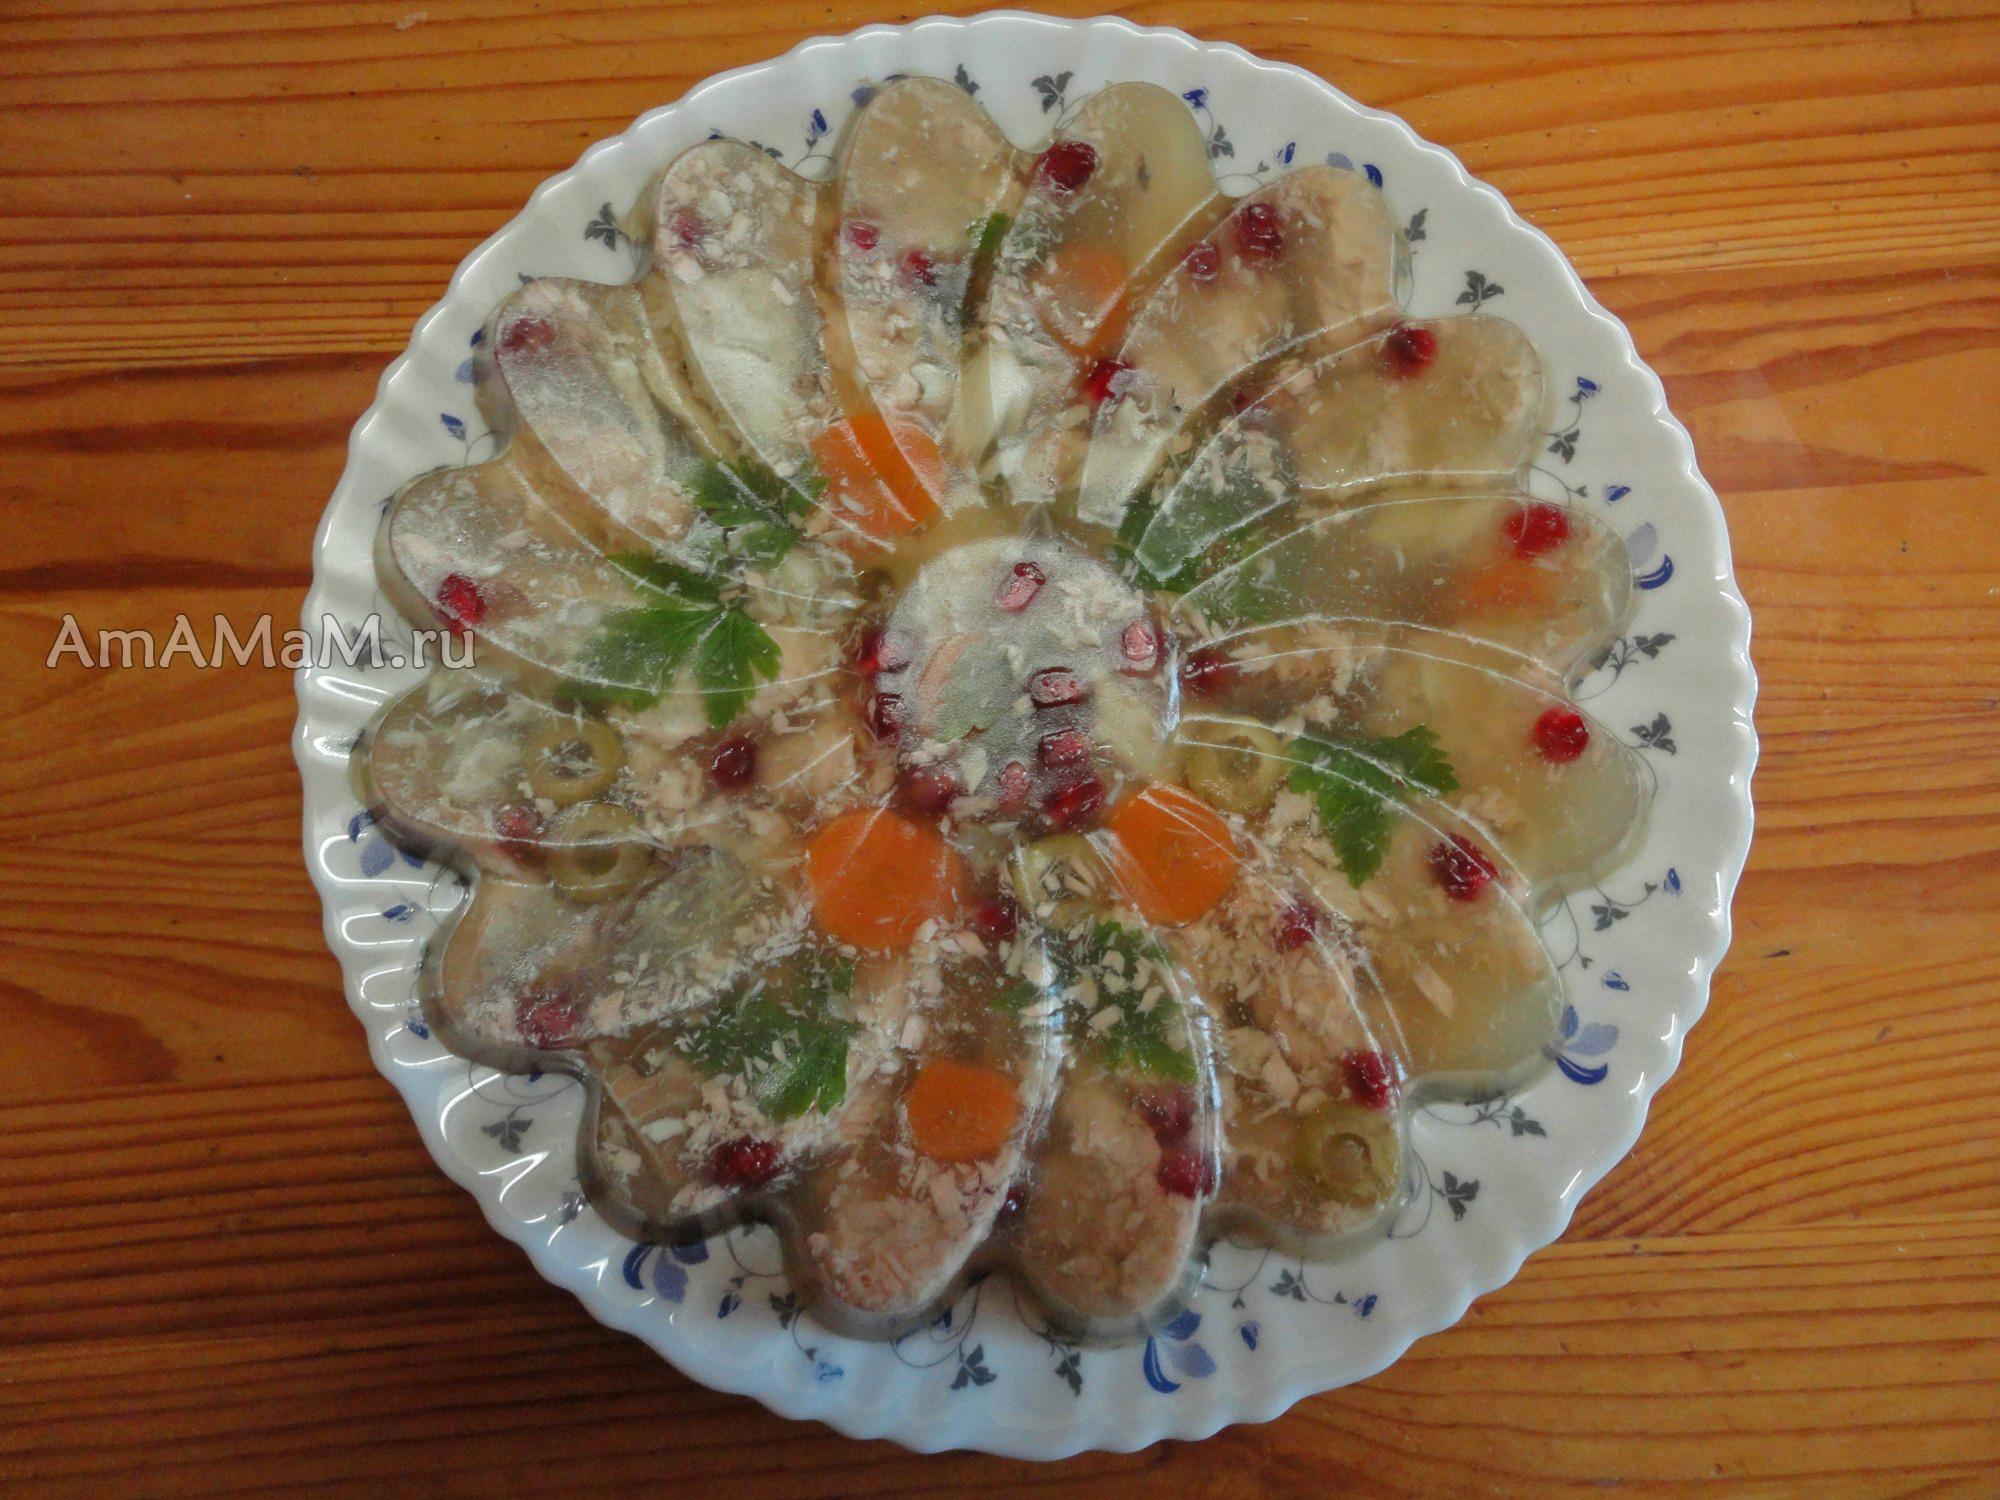 Заливное из скумбрии пошаговый рецепт